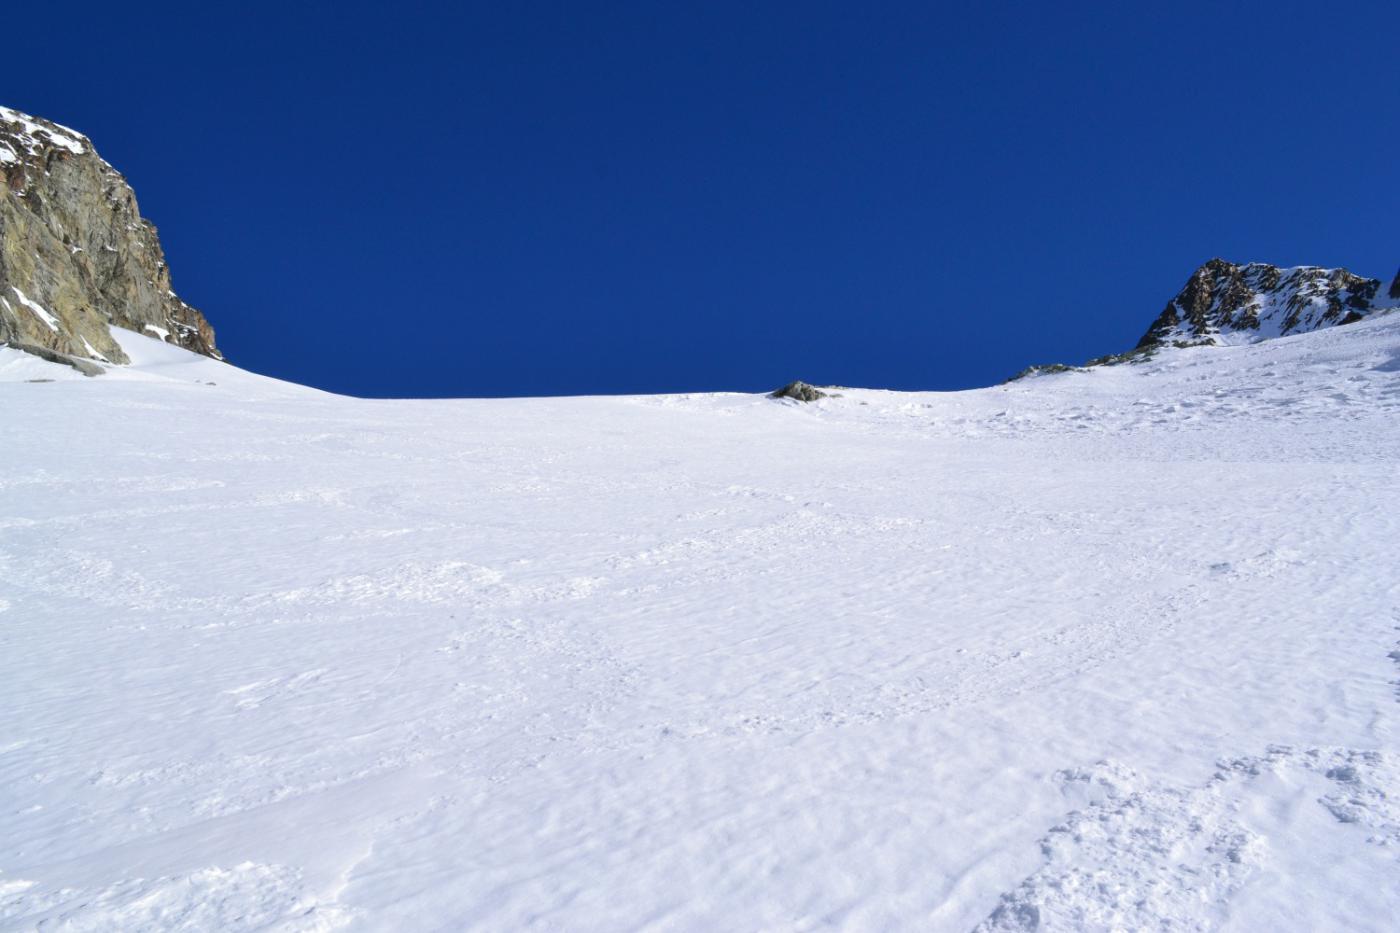 il pendio che conduce al ghiacciaio